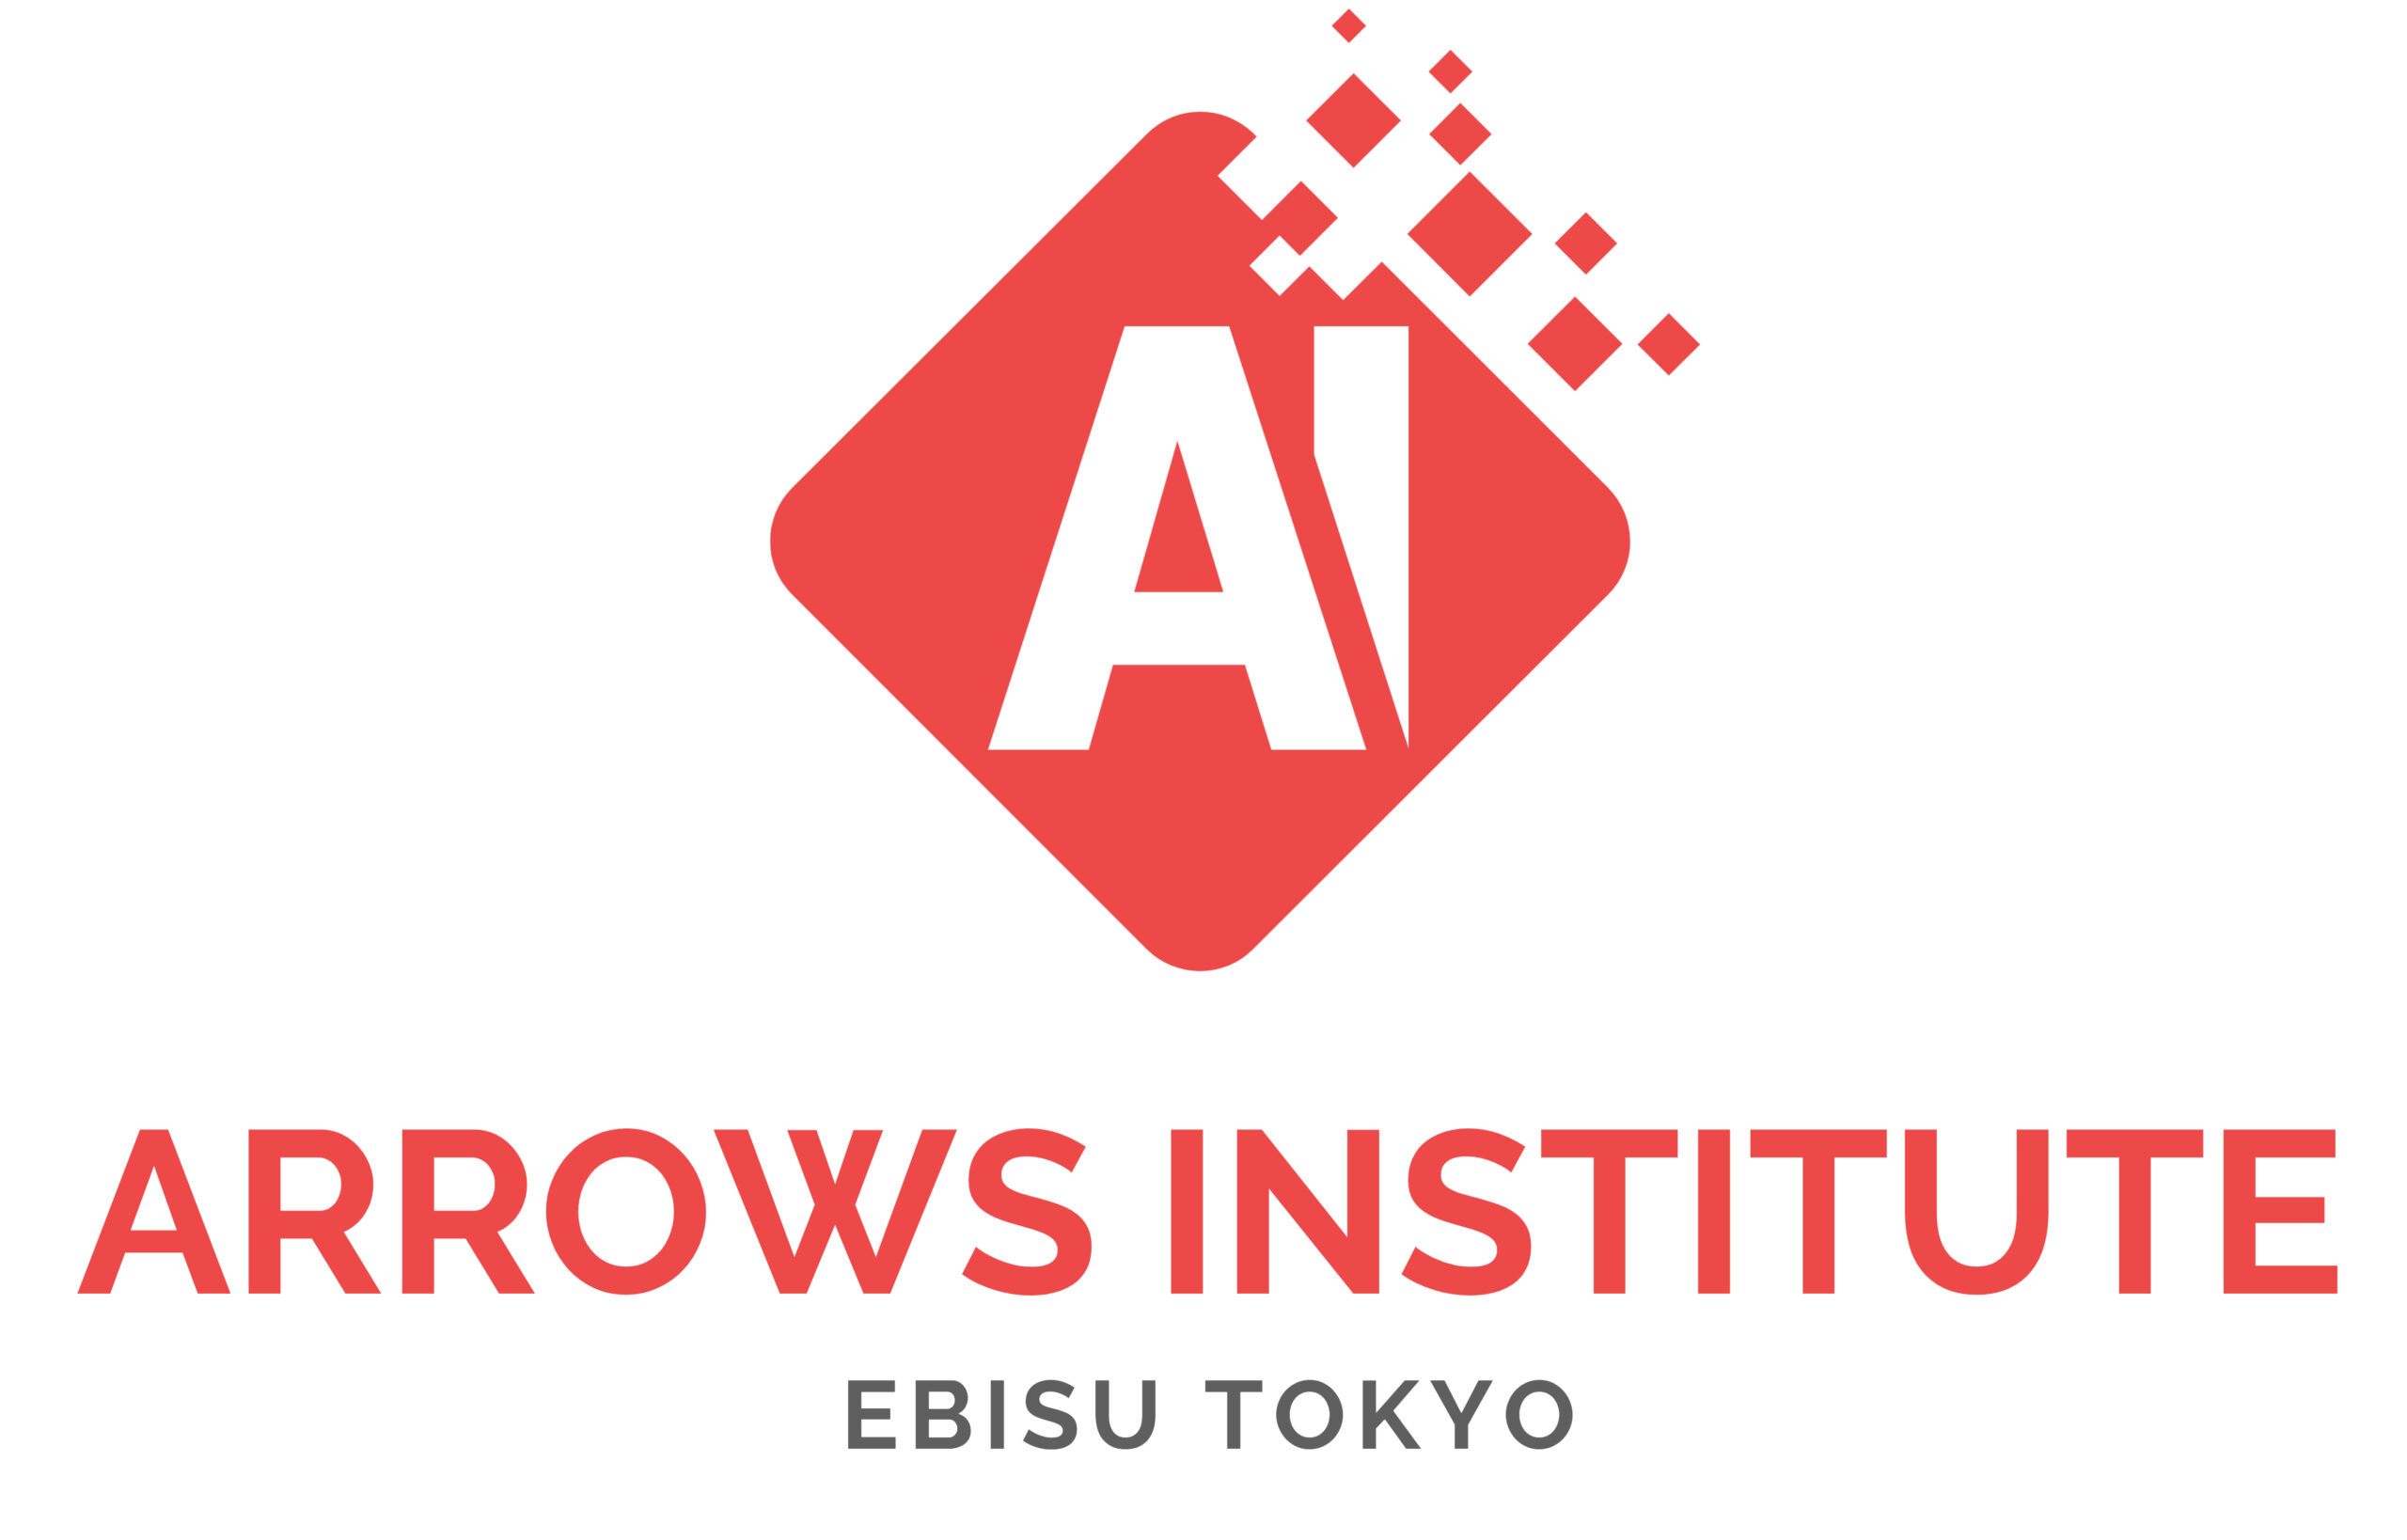 ARROWS INSTITUTE